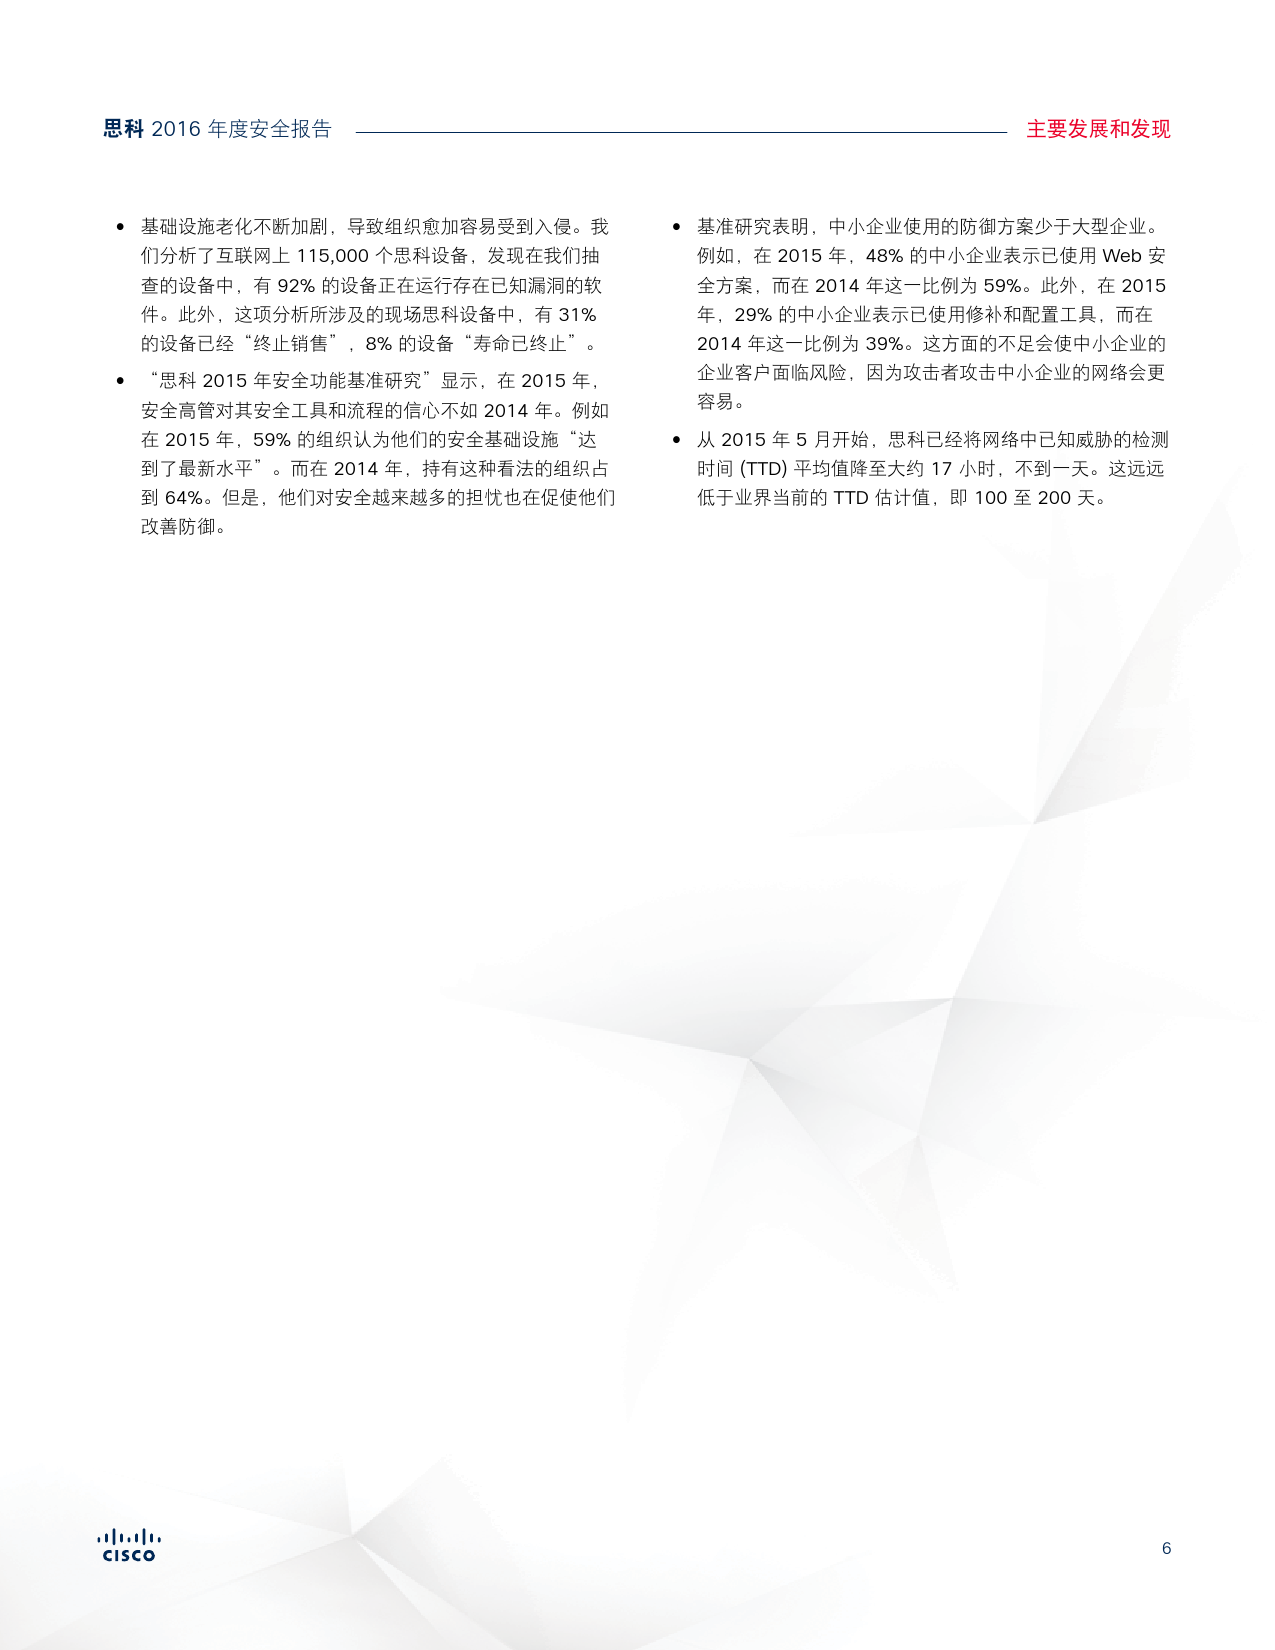 2016年中网络安全报告_000006